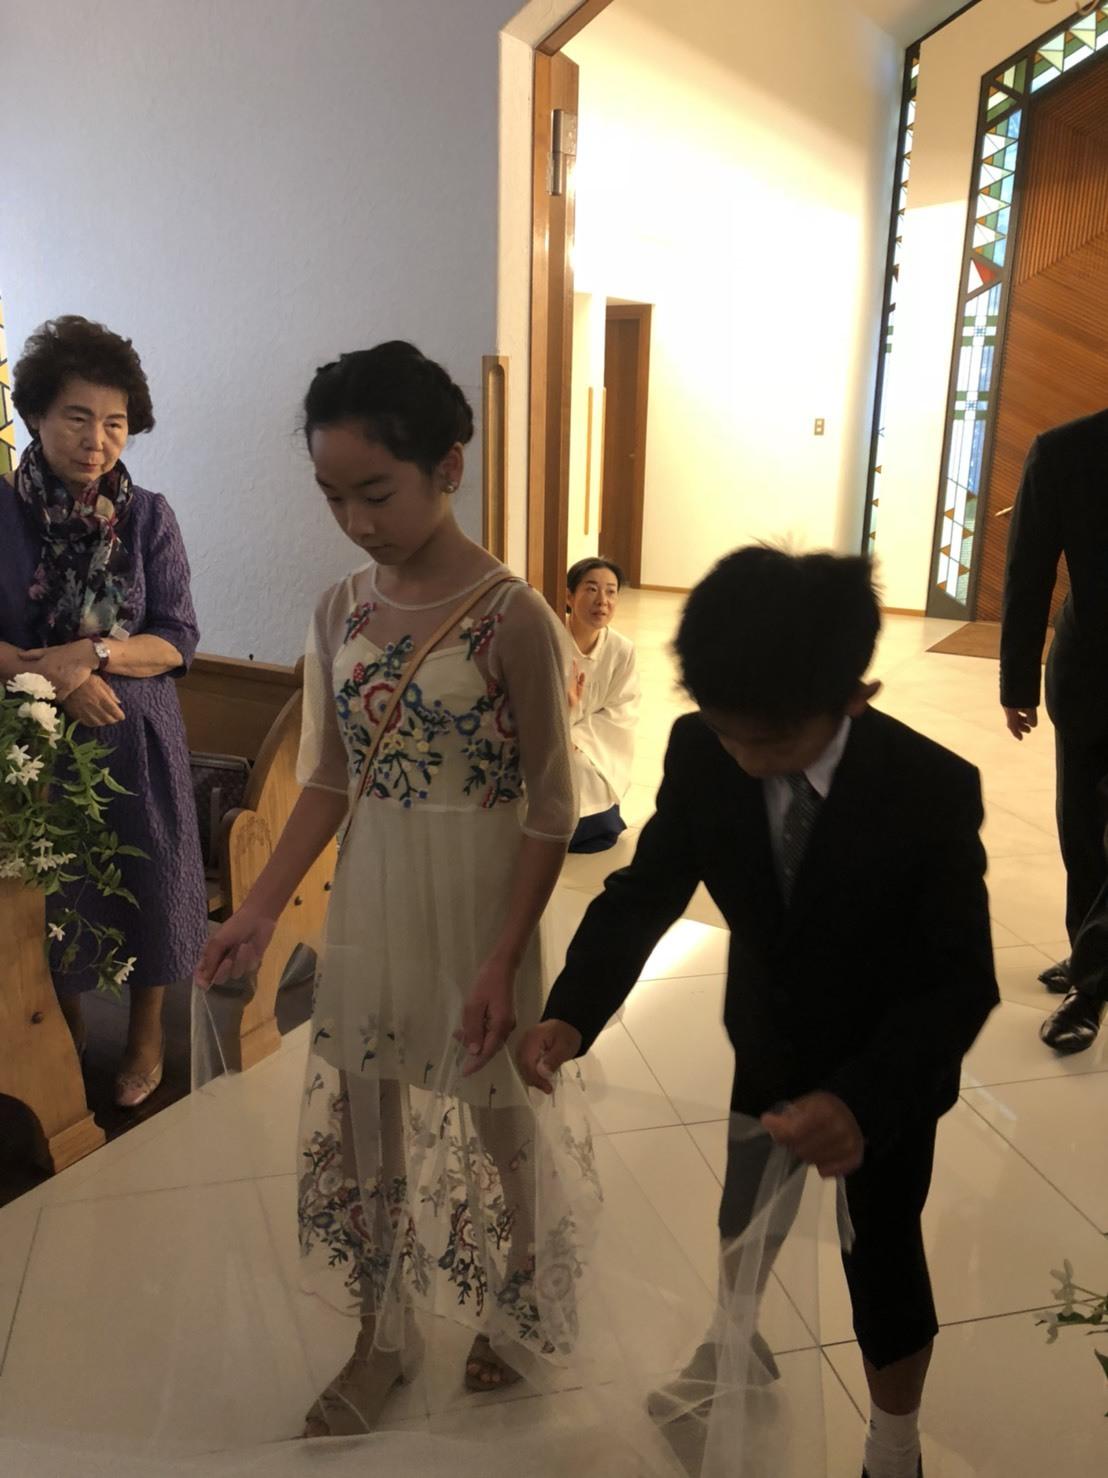 結婚1周年披露パーティー♡ その1_c0187025_16425548.jpg